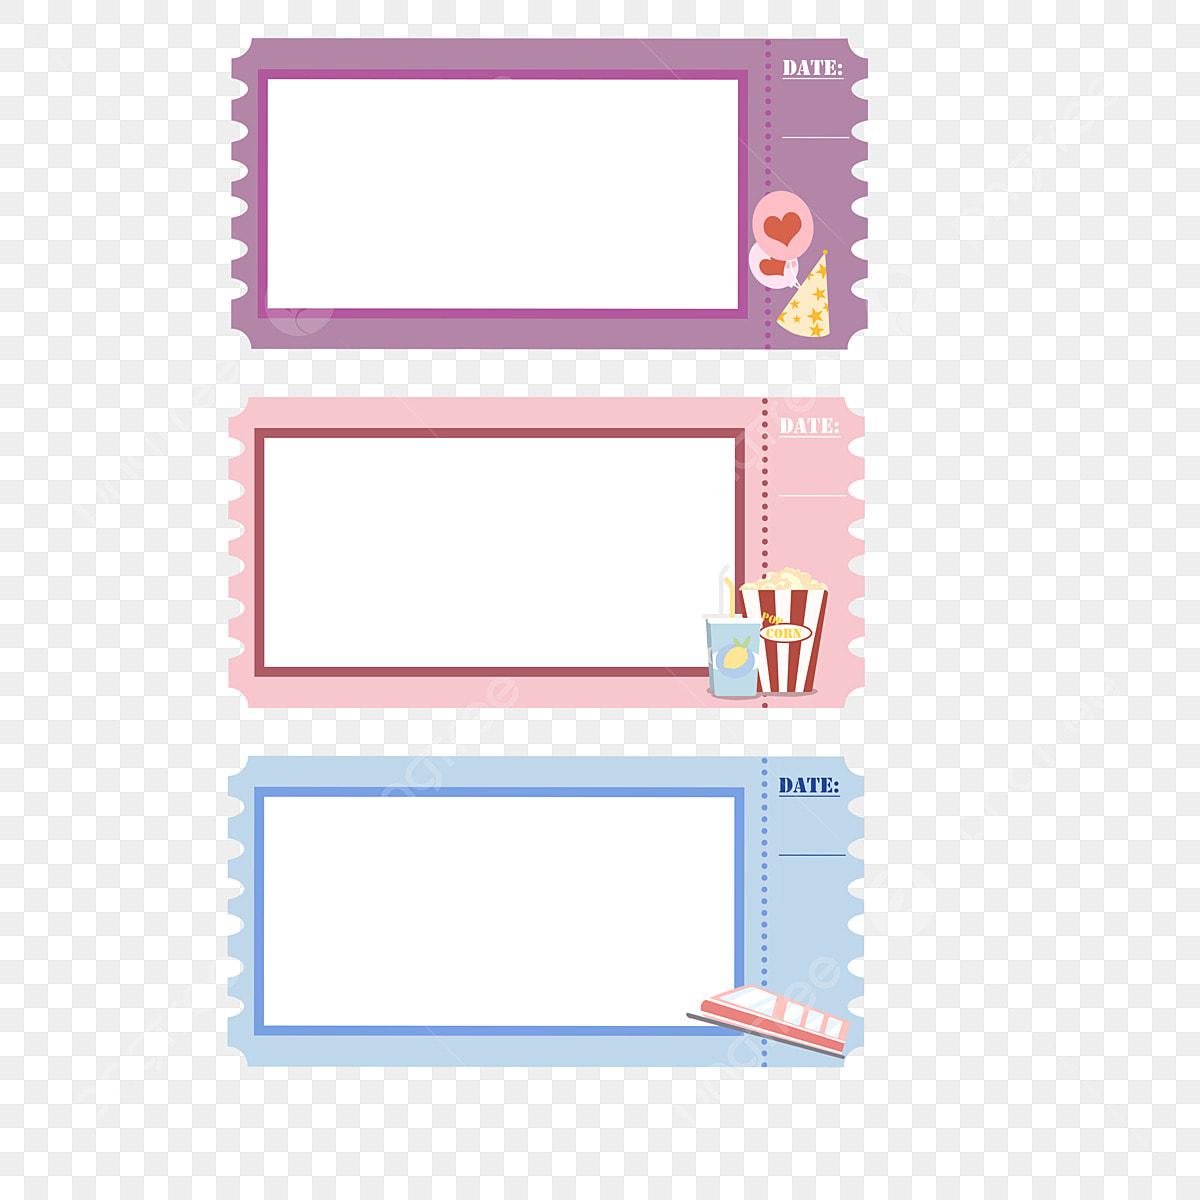 Image Pour Mettre Dans Un Cadre cadre photo cartoon trois cadres photo cadre violet